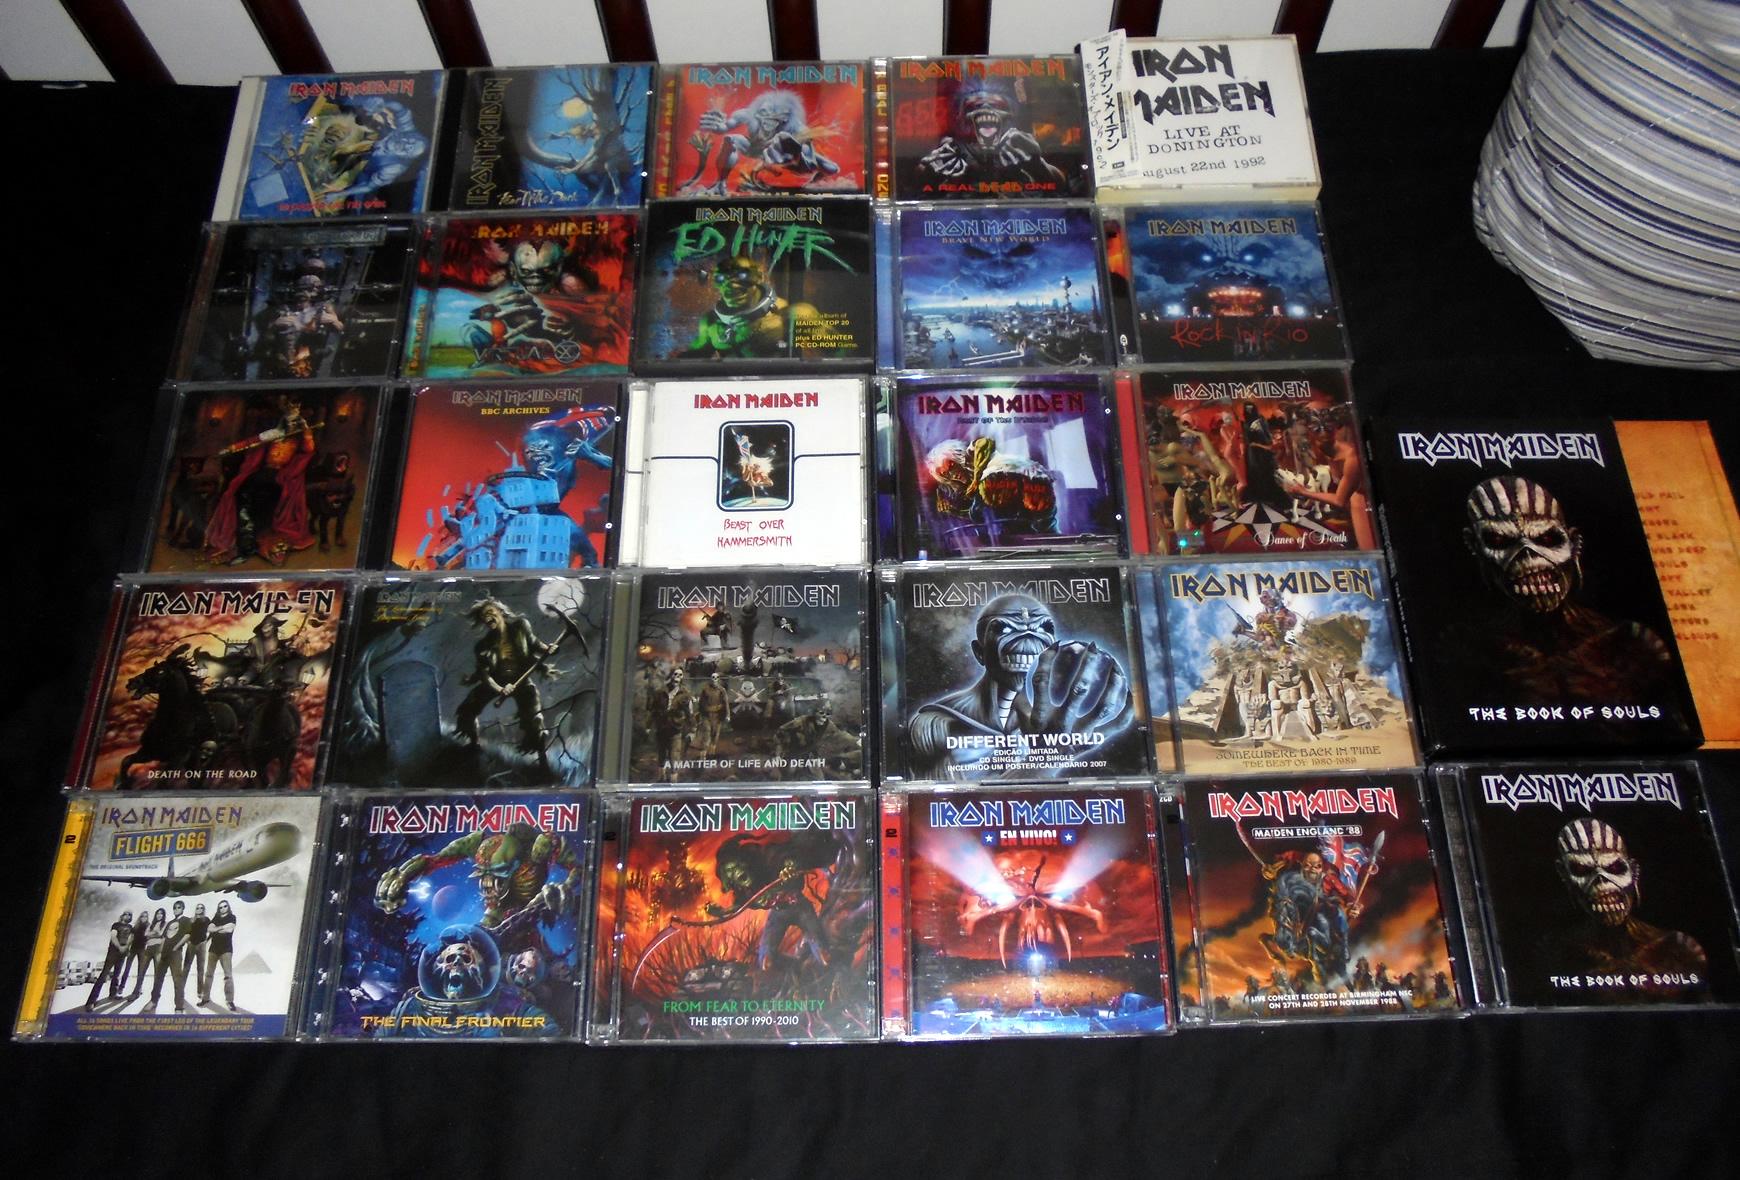 CDs_IronMaiden